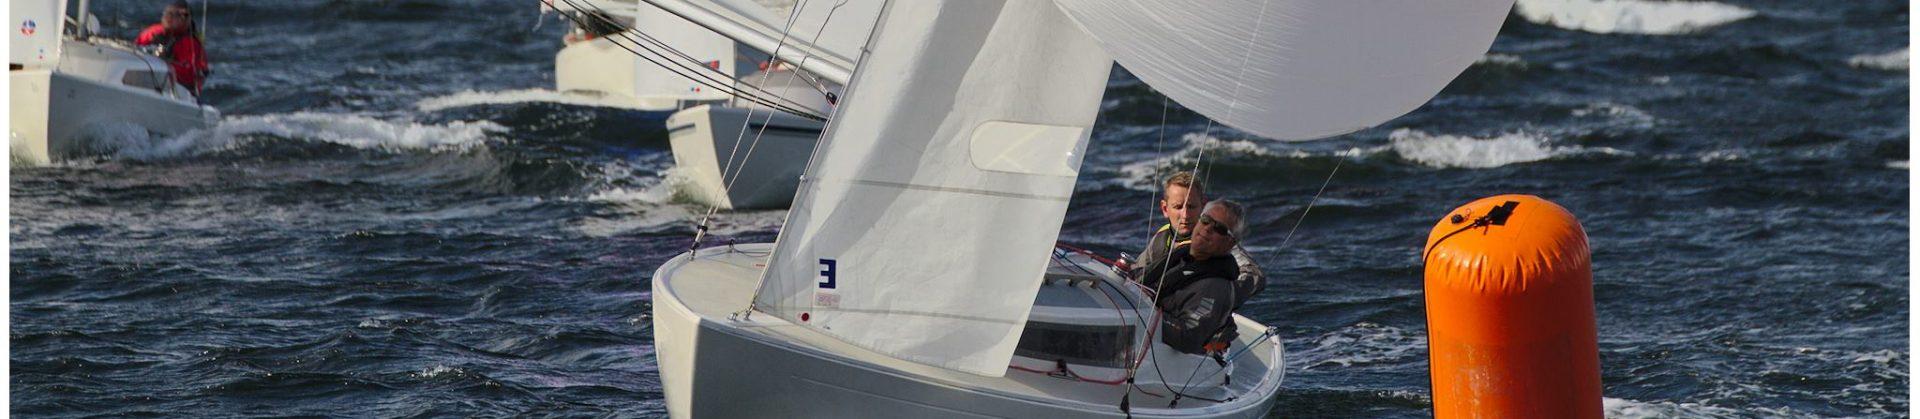 b3254fdf4 Velkommen i klubben • Danske H-bådssejlere